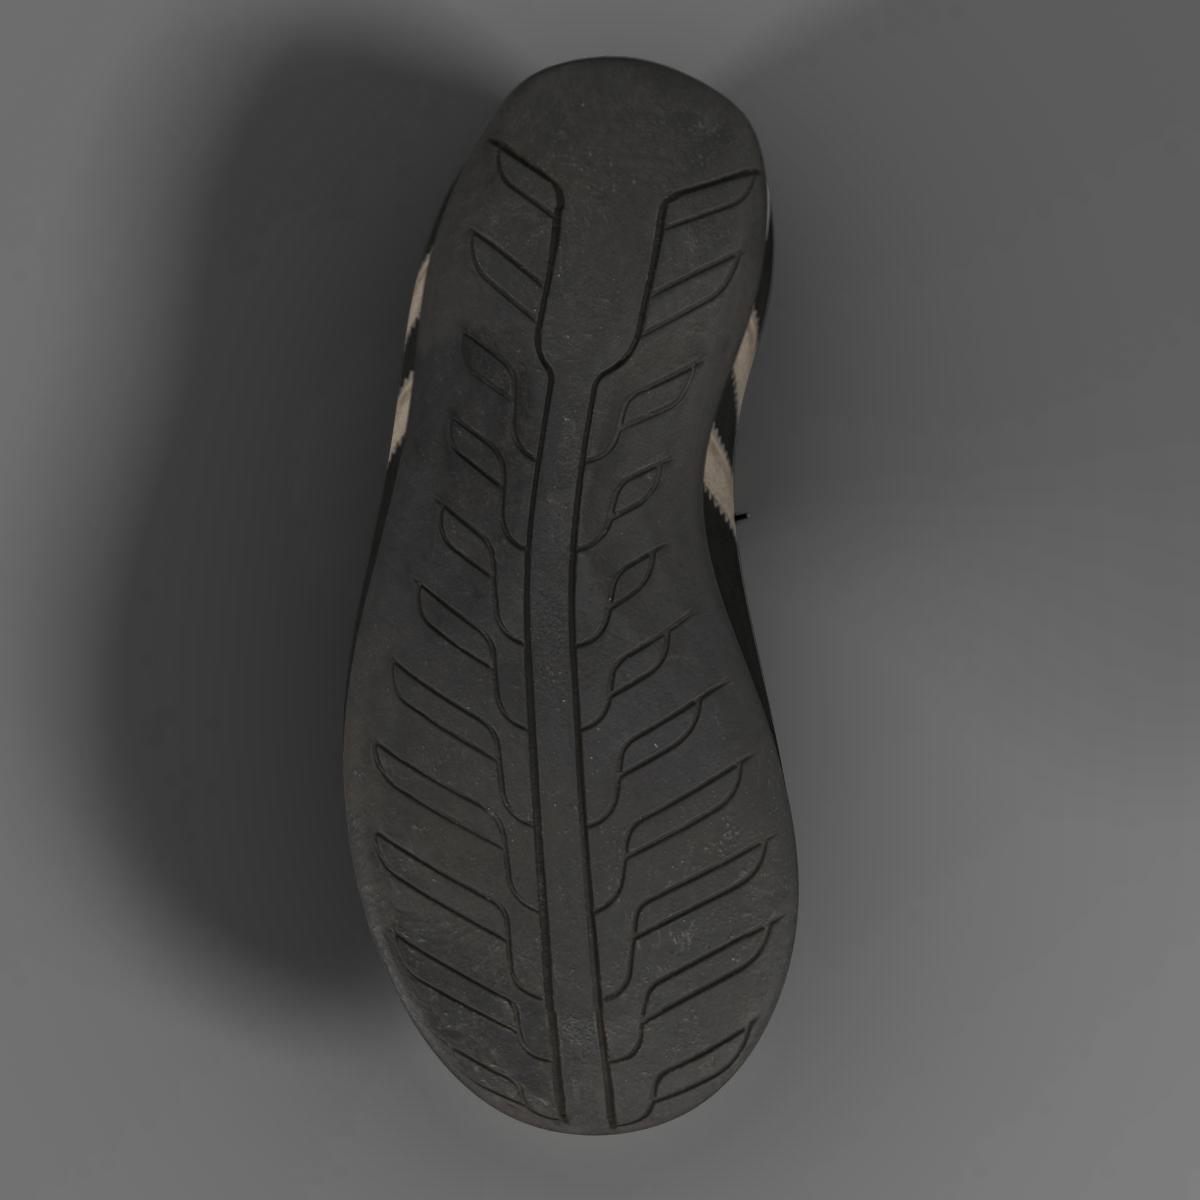 sneakers 3d model 3ds max fbx c4d ma mb obj 160391